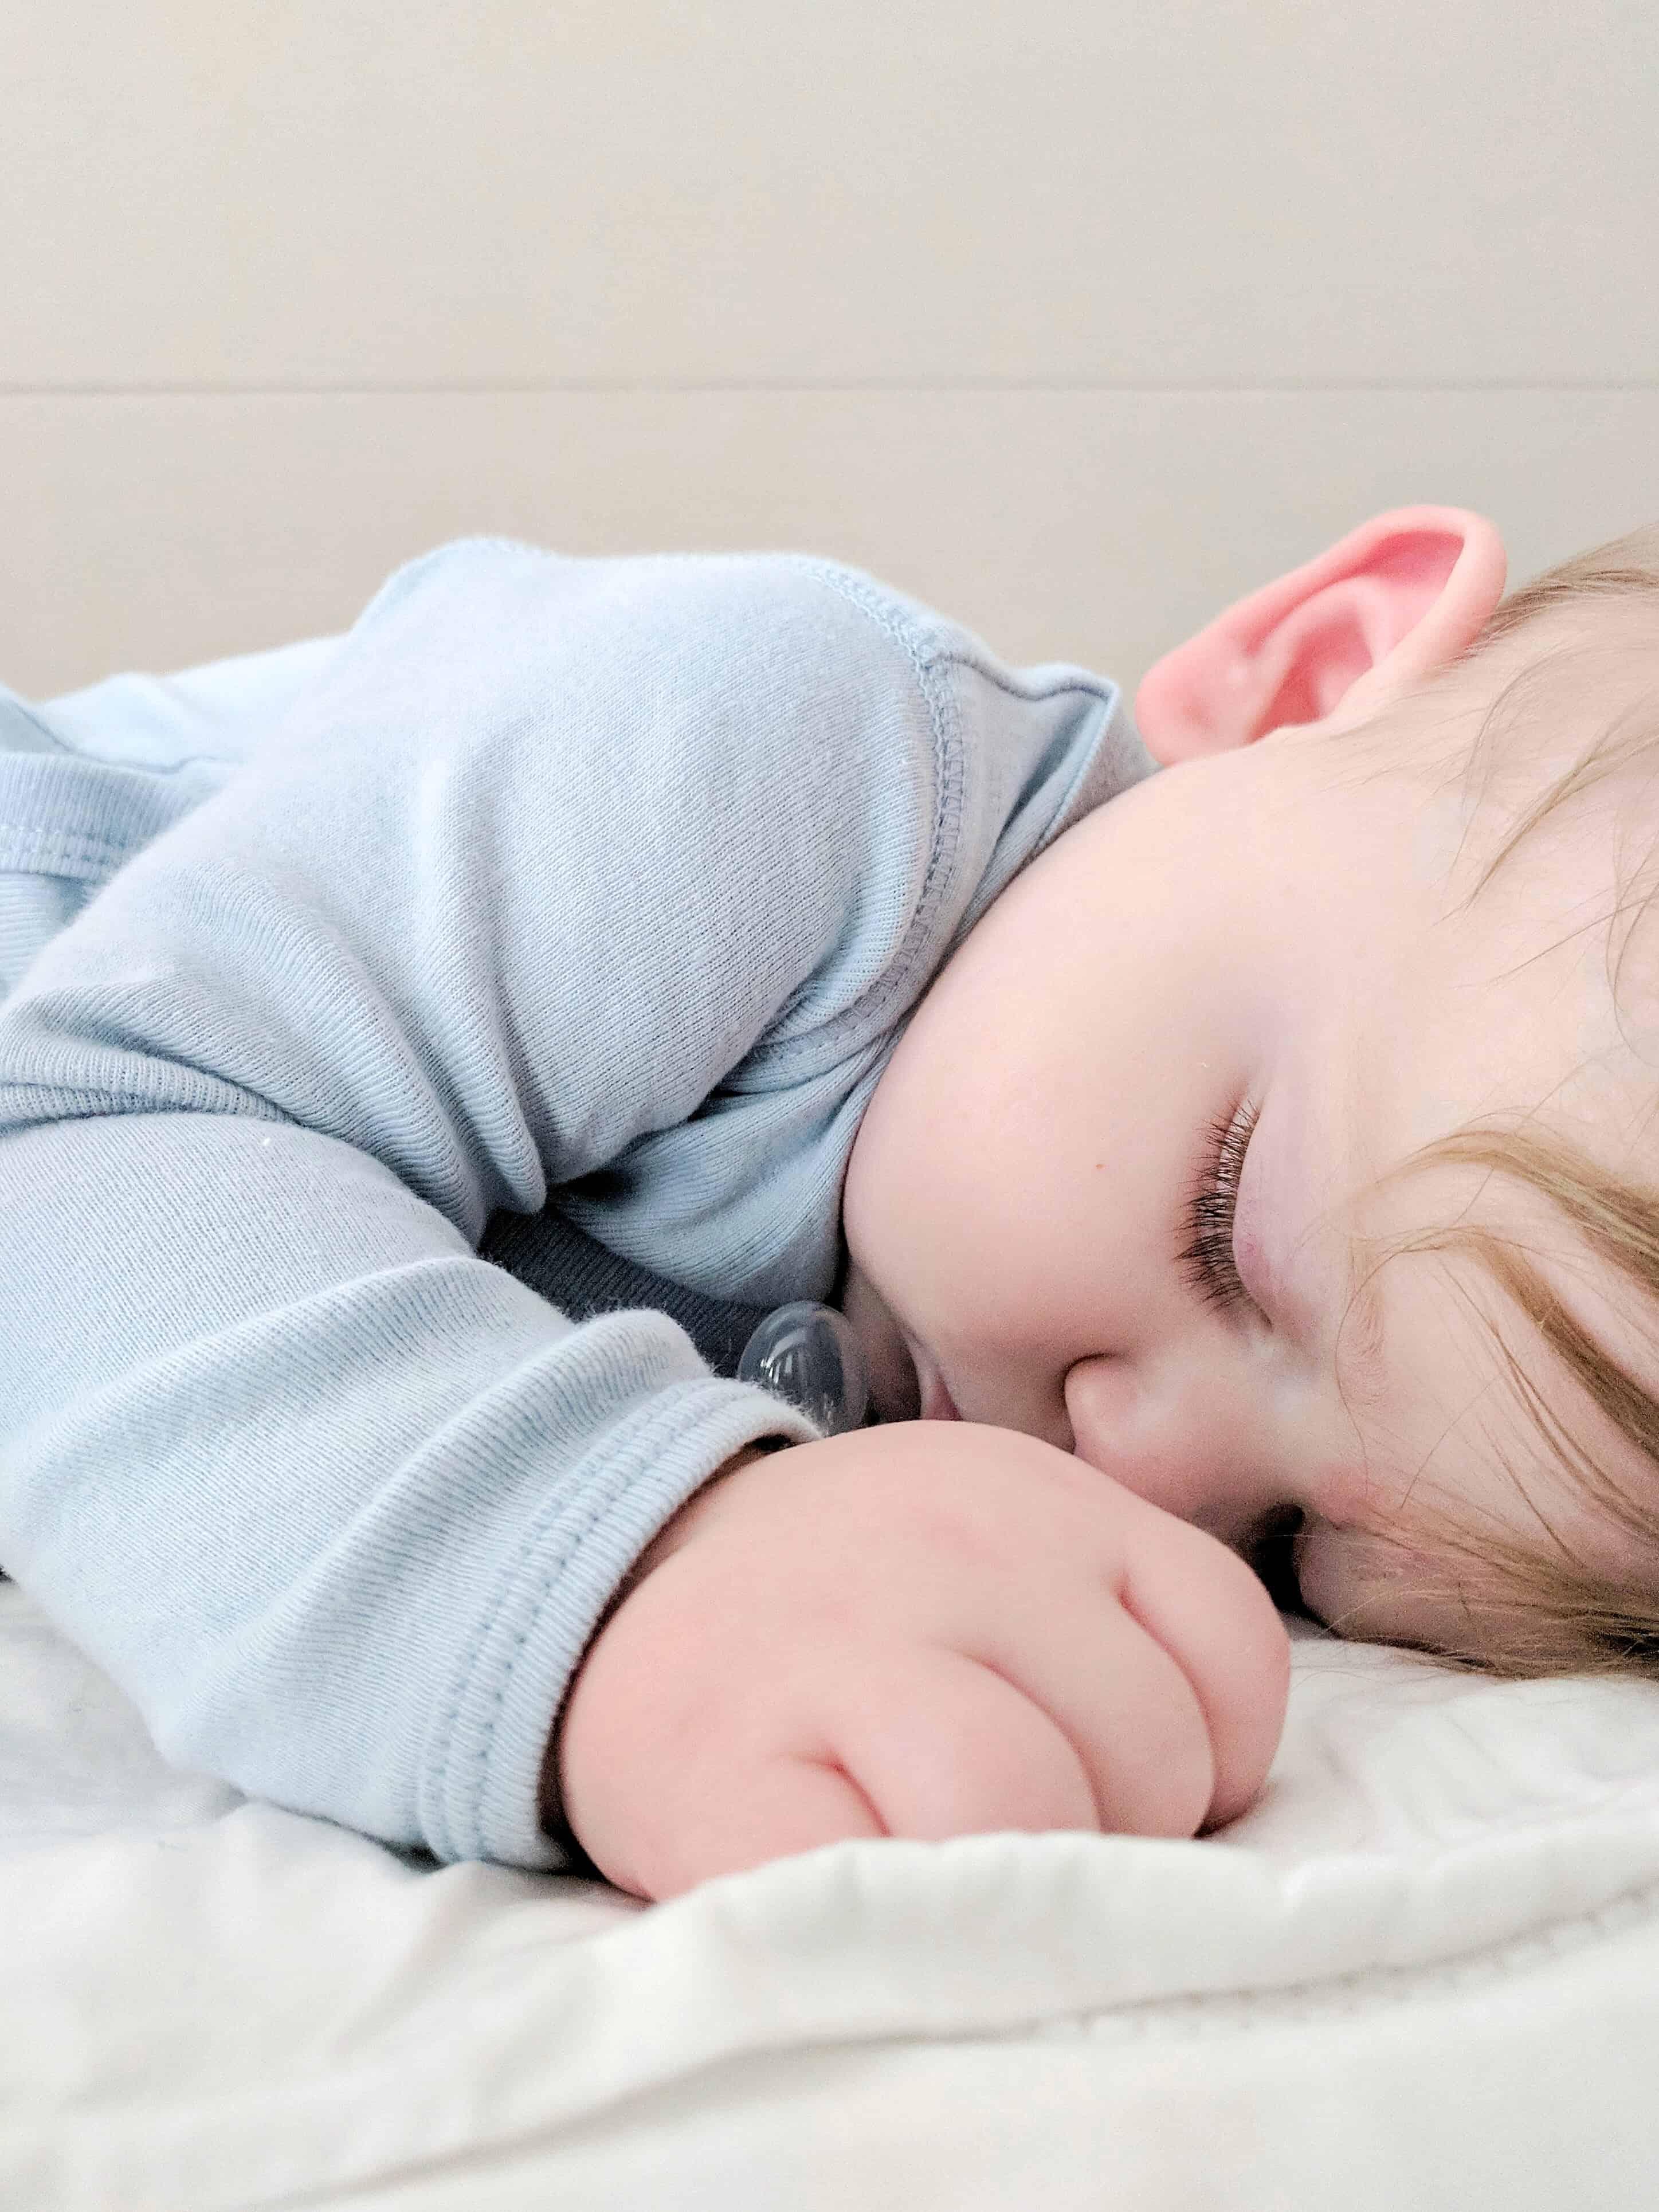 sleeping baby in blue onsie